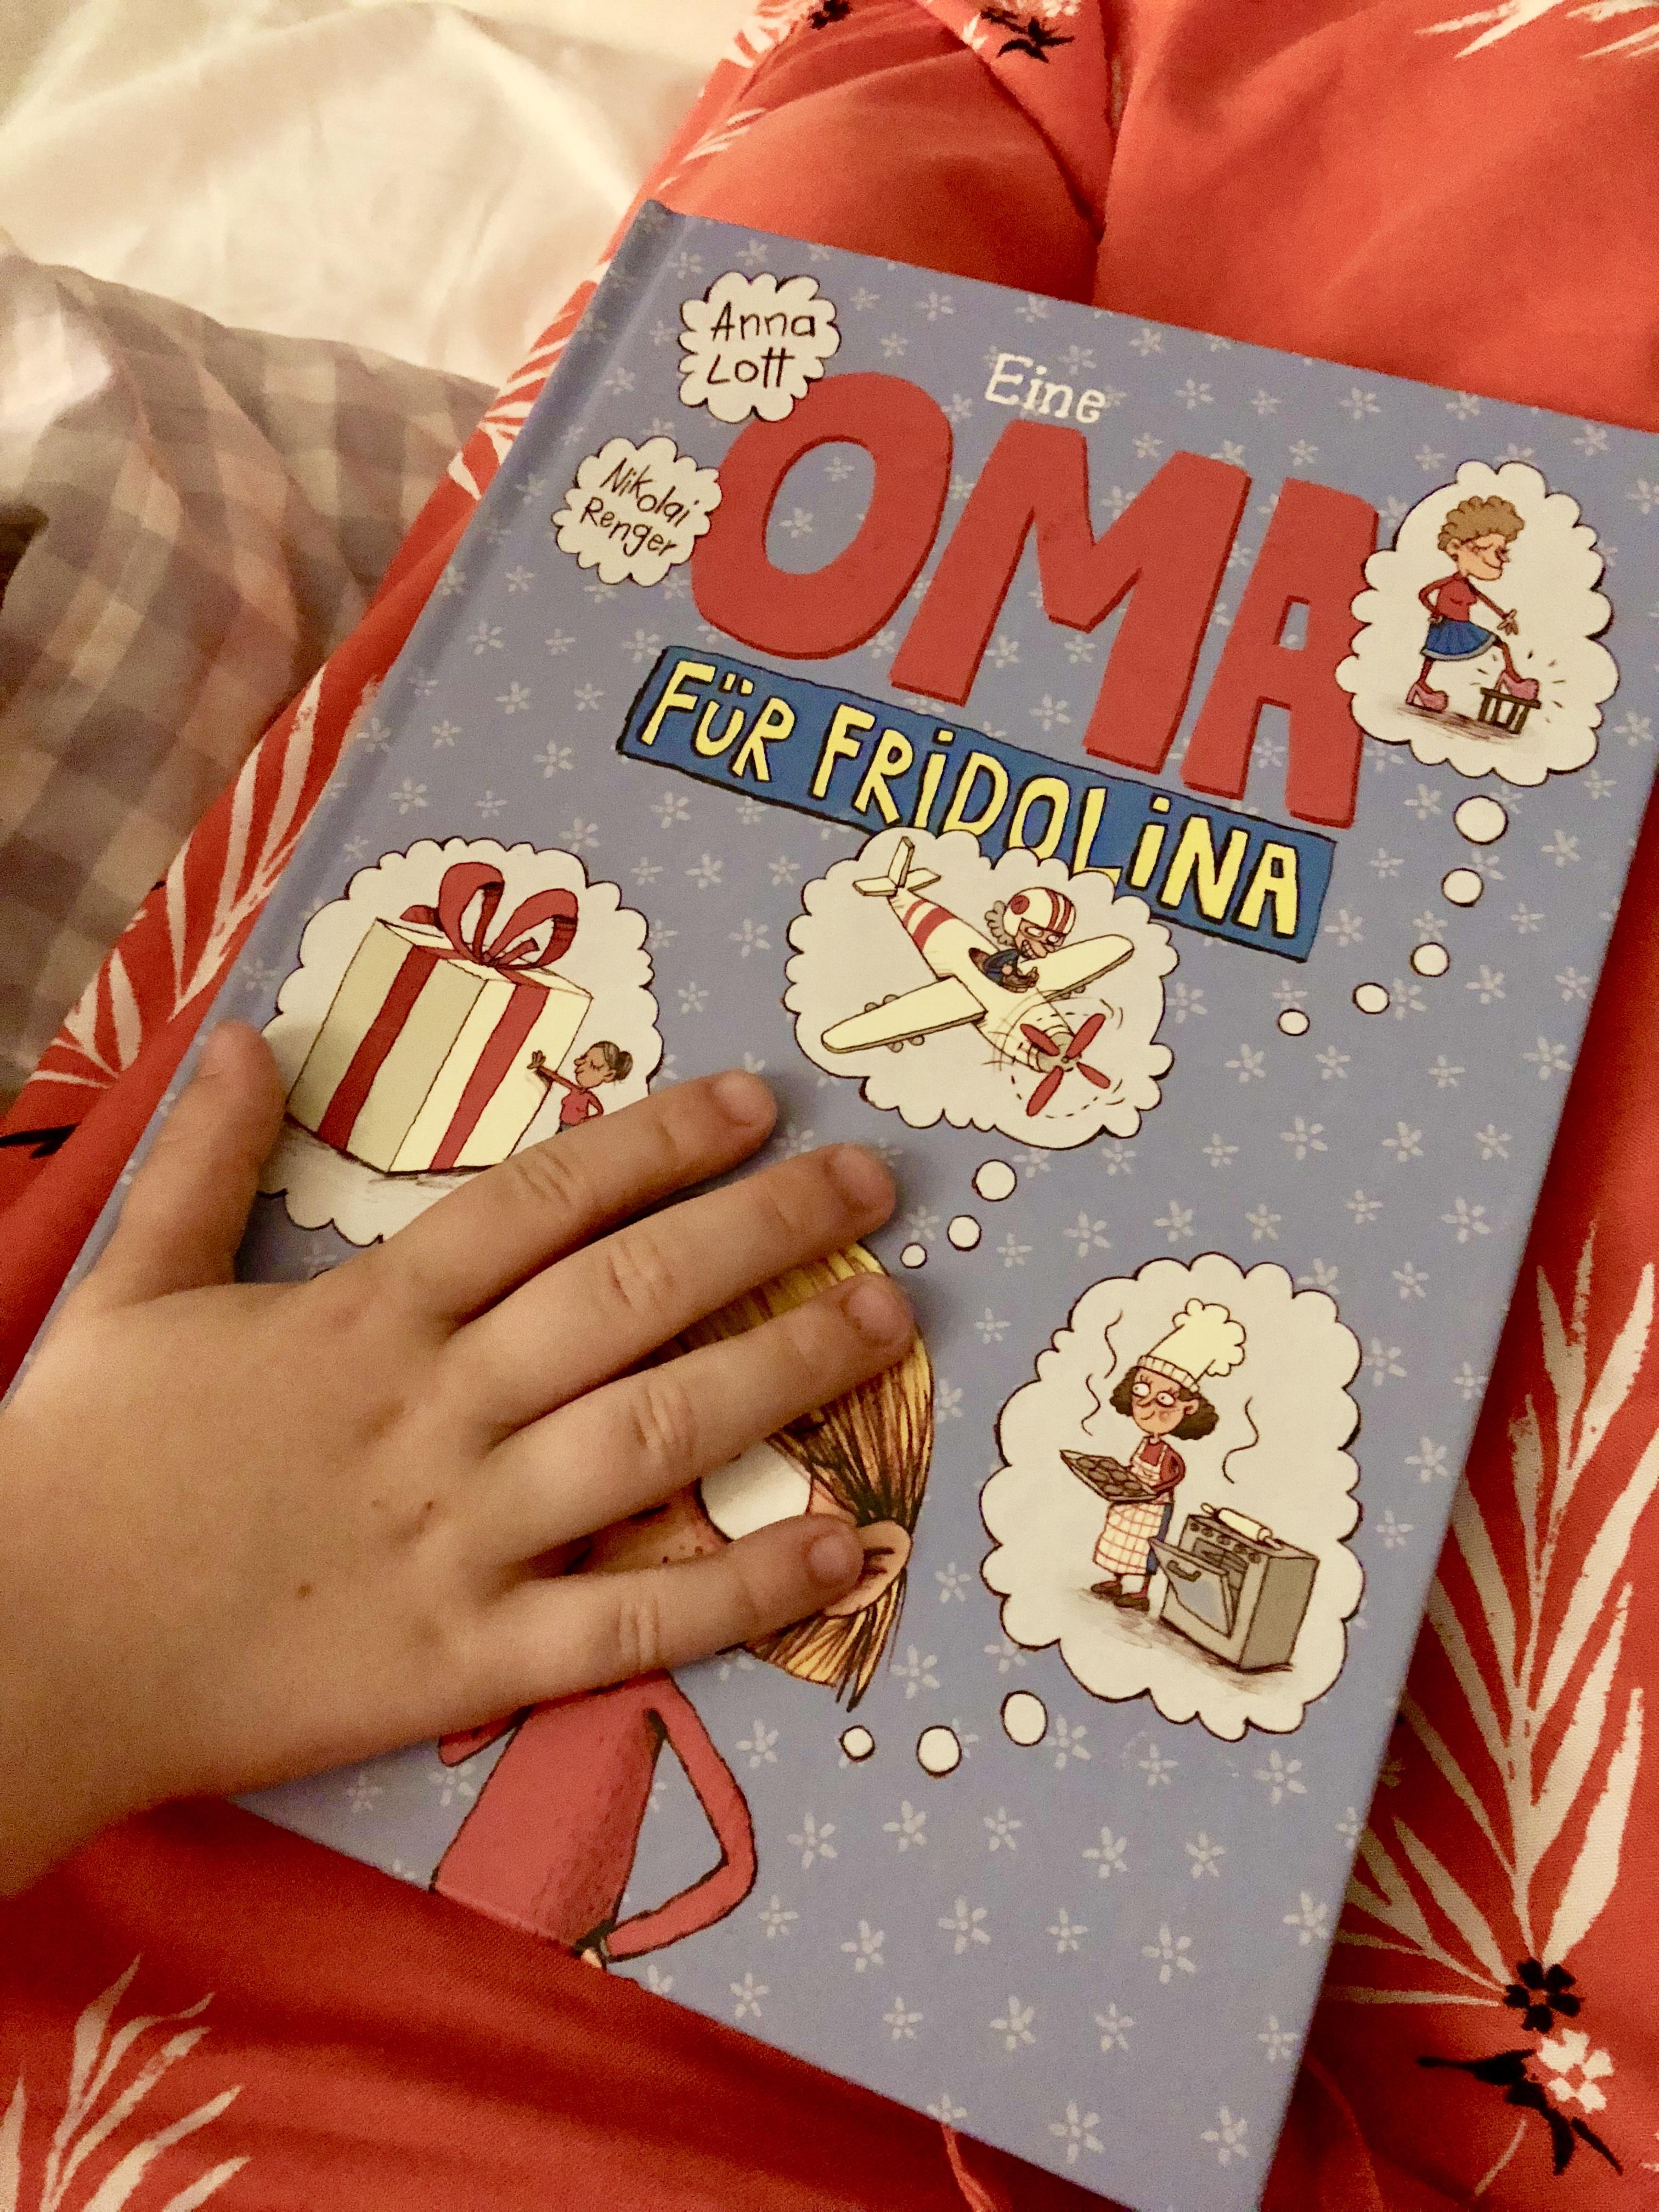 Oma für Fridolina Kinderbuch